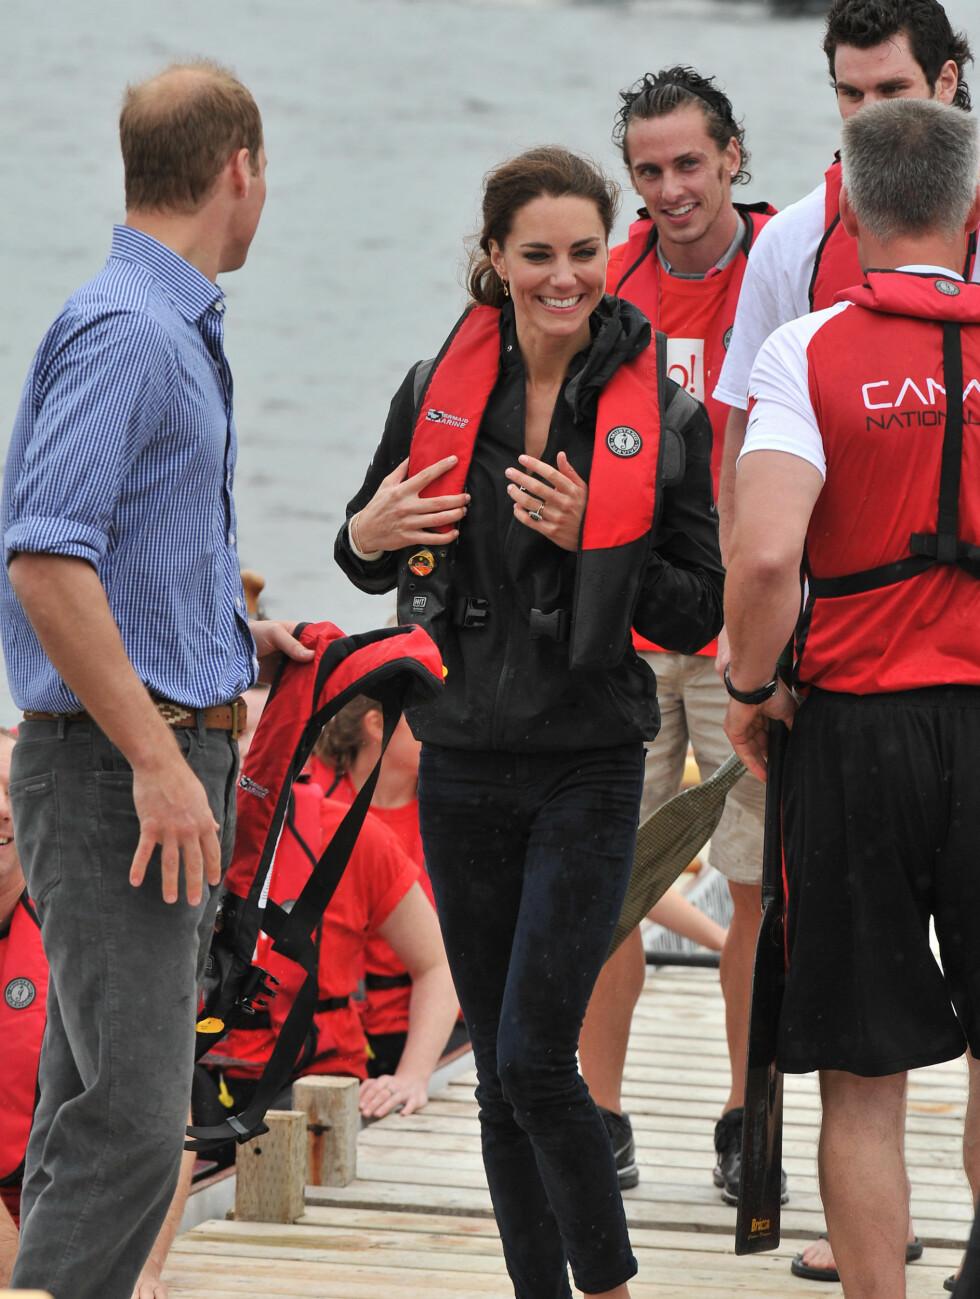 MED VEST: Det  er langt oftere man ser Kate i flotte kjoler, enn i redningsvest som ved denne anledningen.  Foto: All Over Press